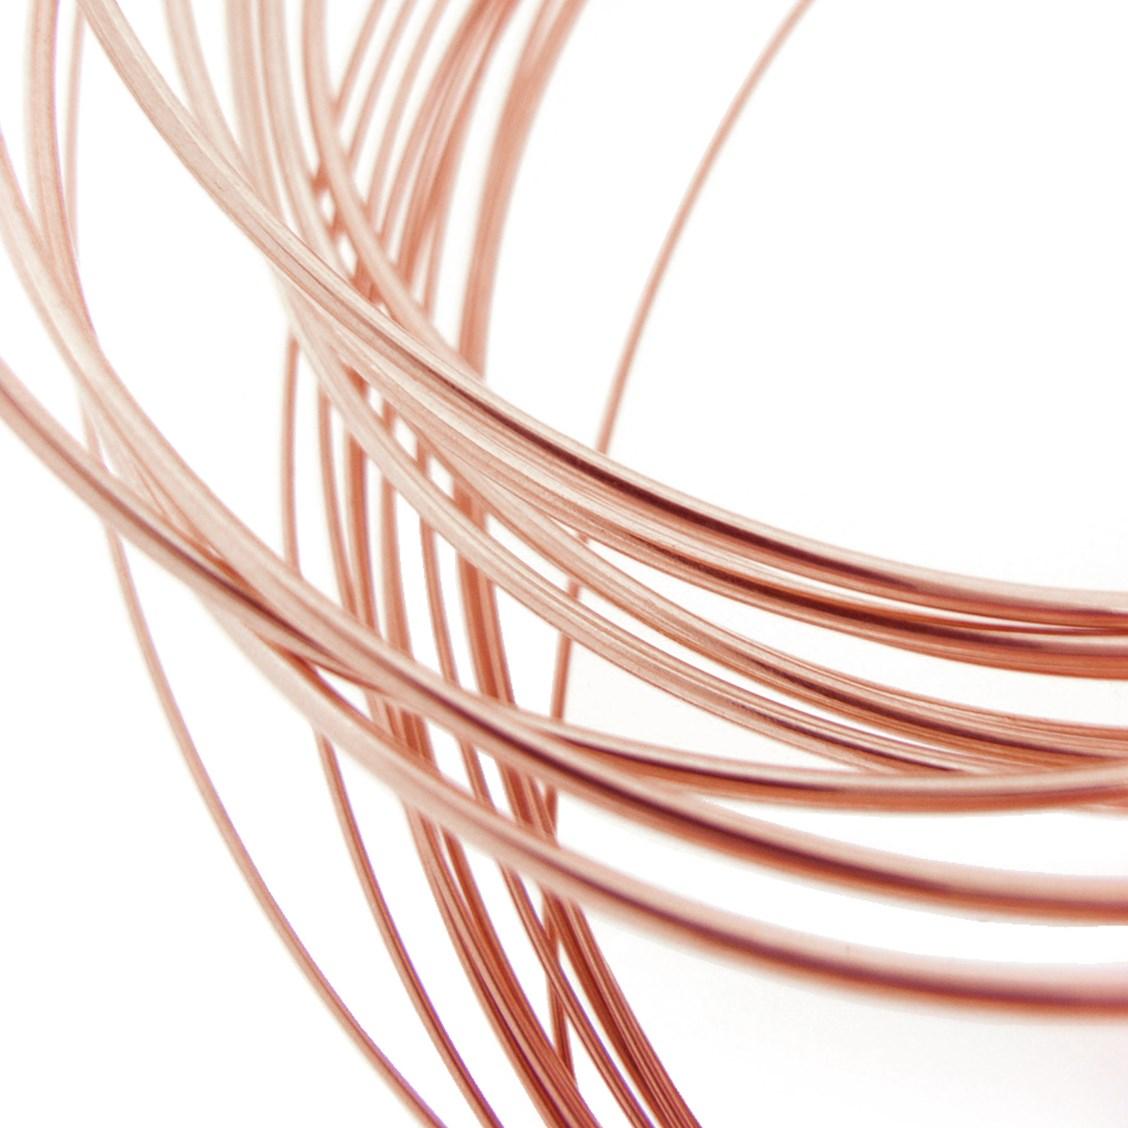 Copper Wire Wiring